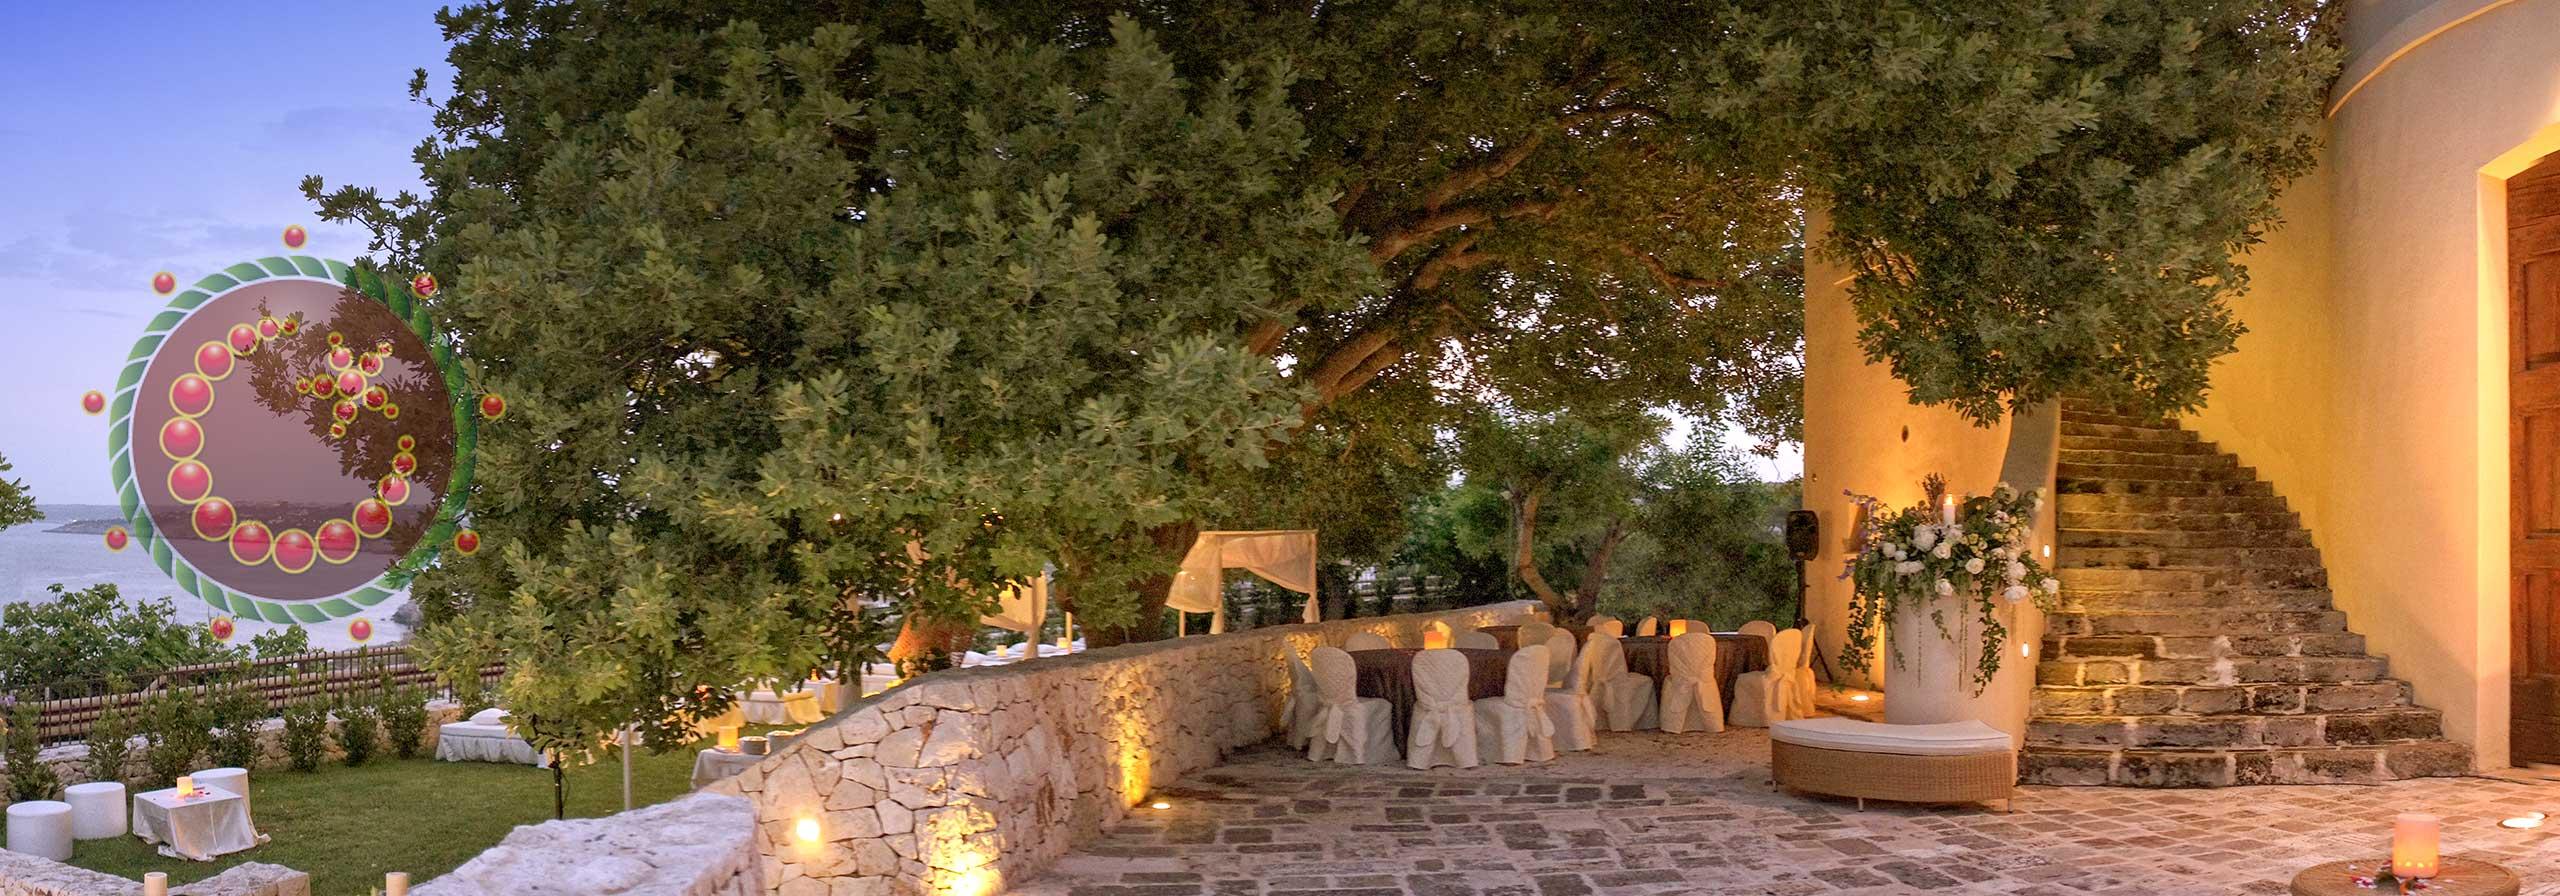 Location cala dei balcani ristorante con sala per for Ristorante in baita vicino a me